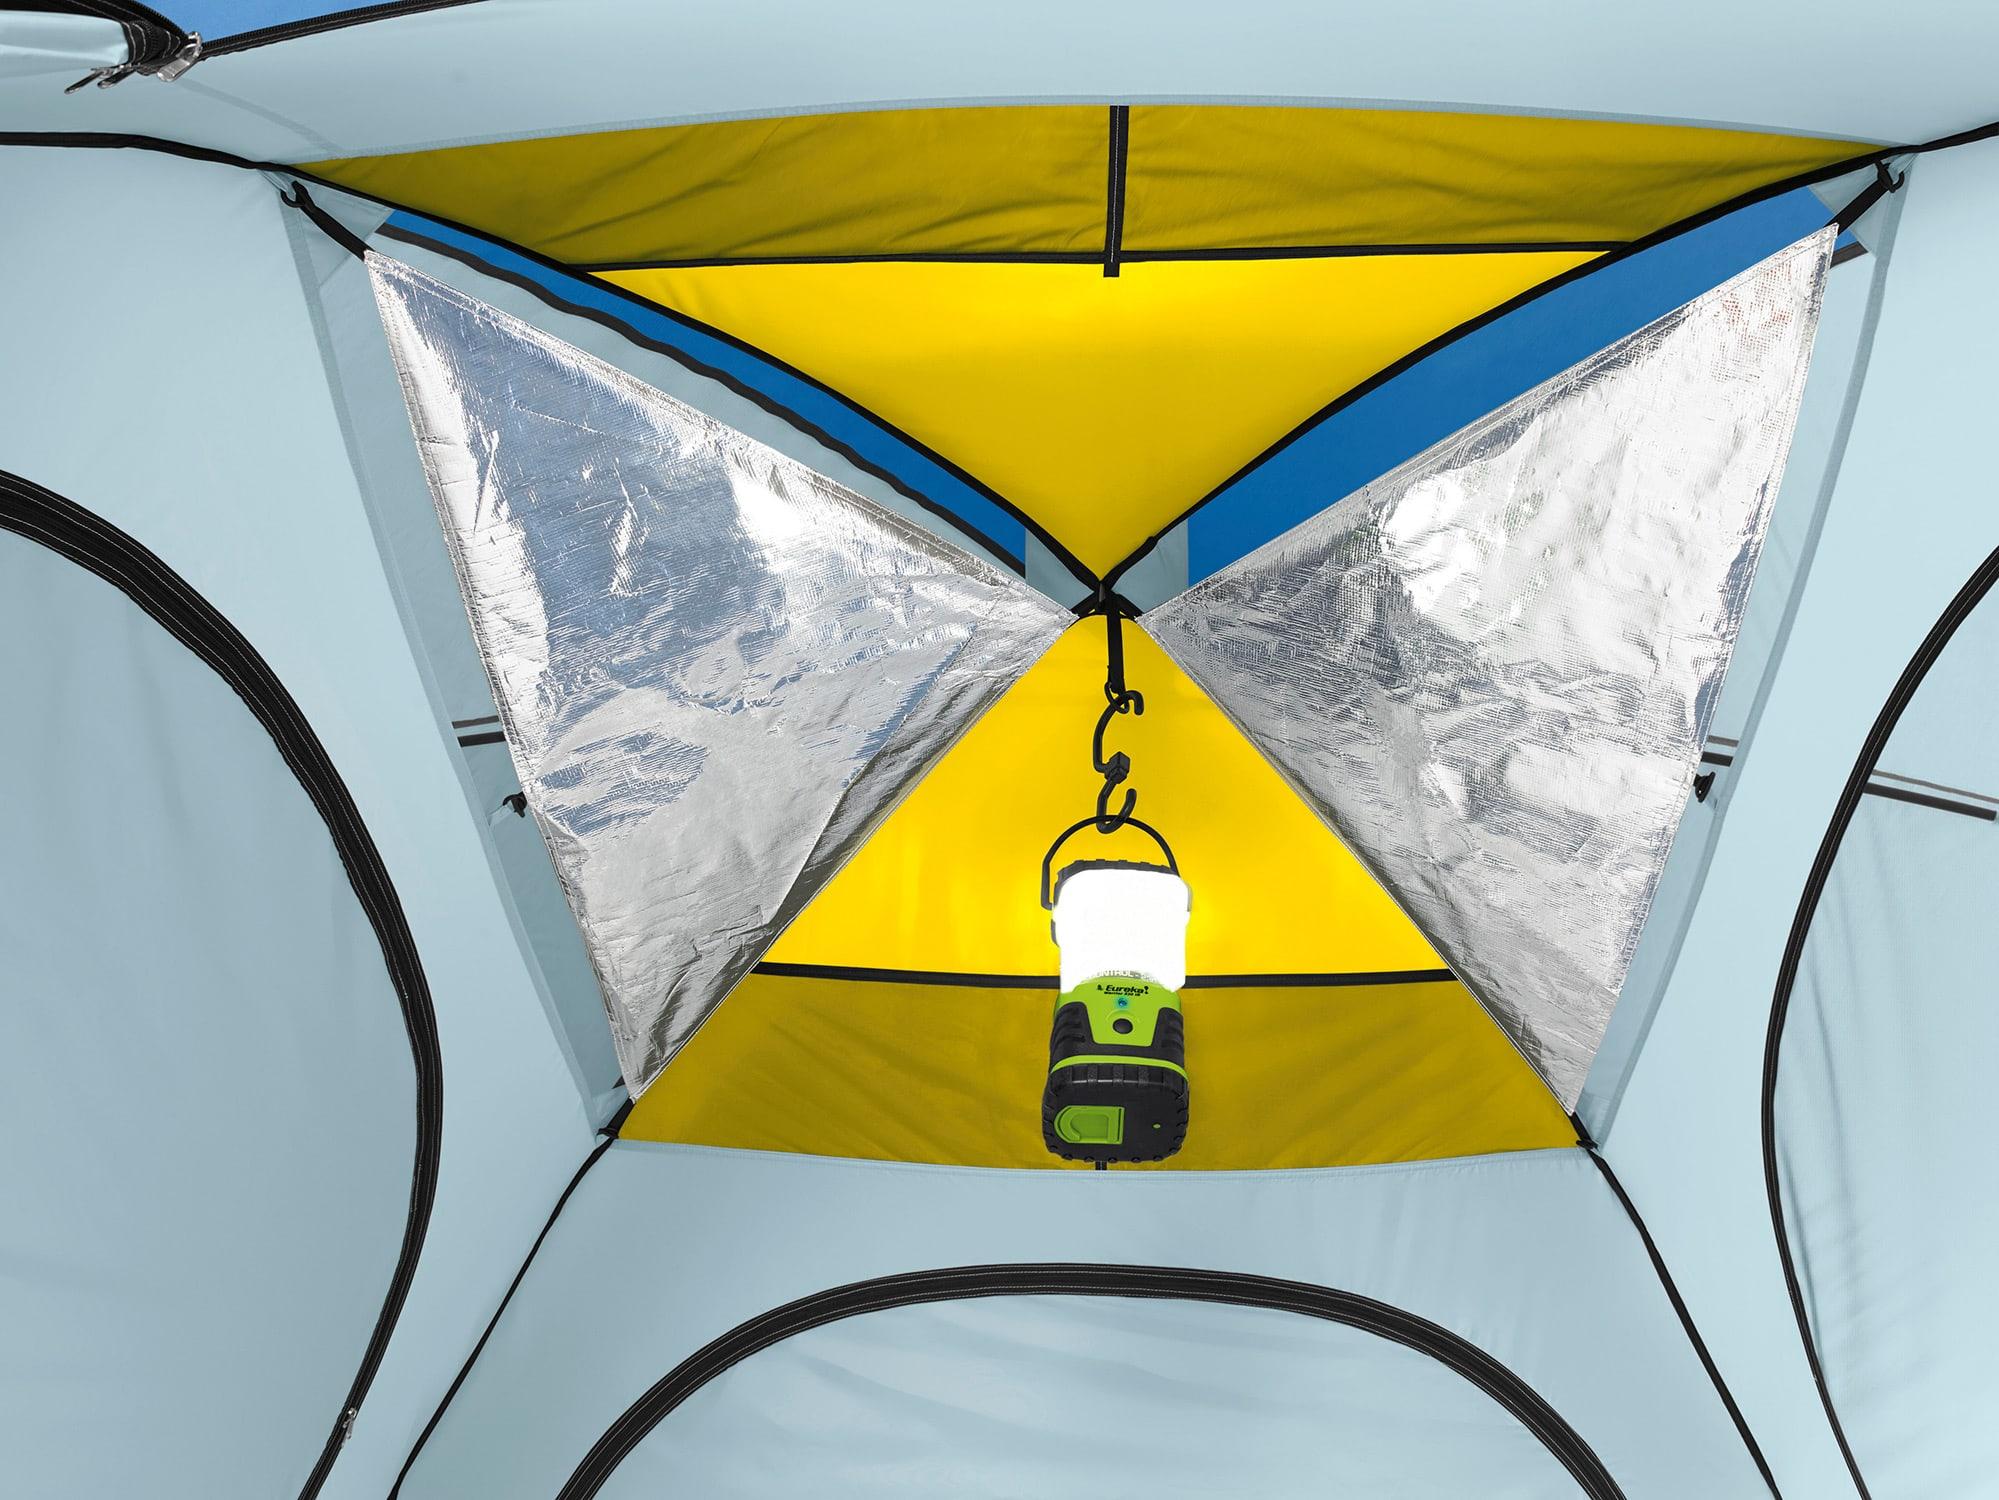 Eureka Sunrise 4 Tent - thumbnail 4 & On Sale Eureka Sunrise 4 Tent up to 50% off